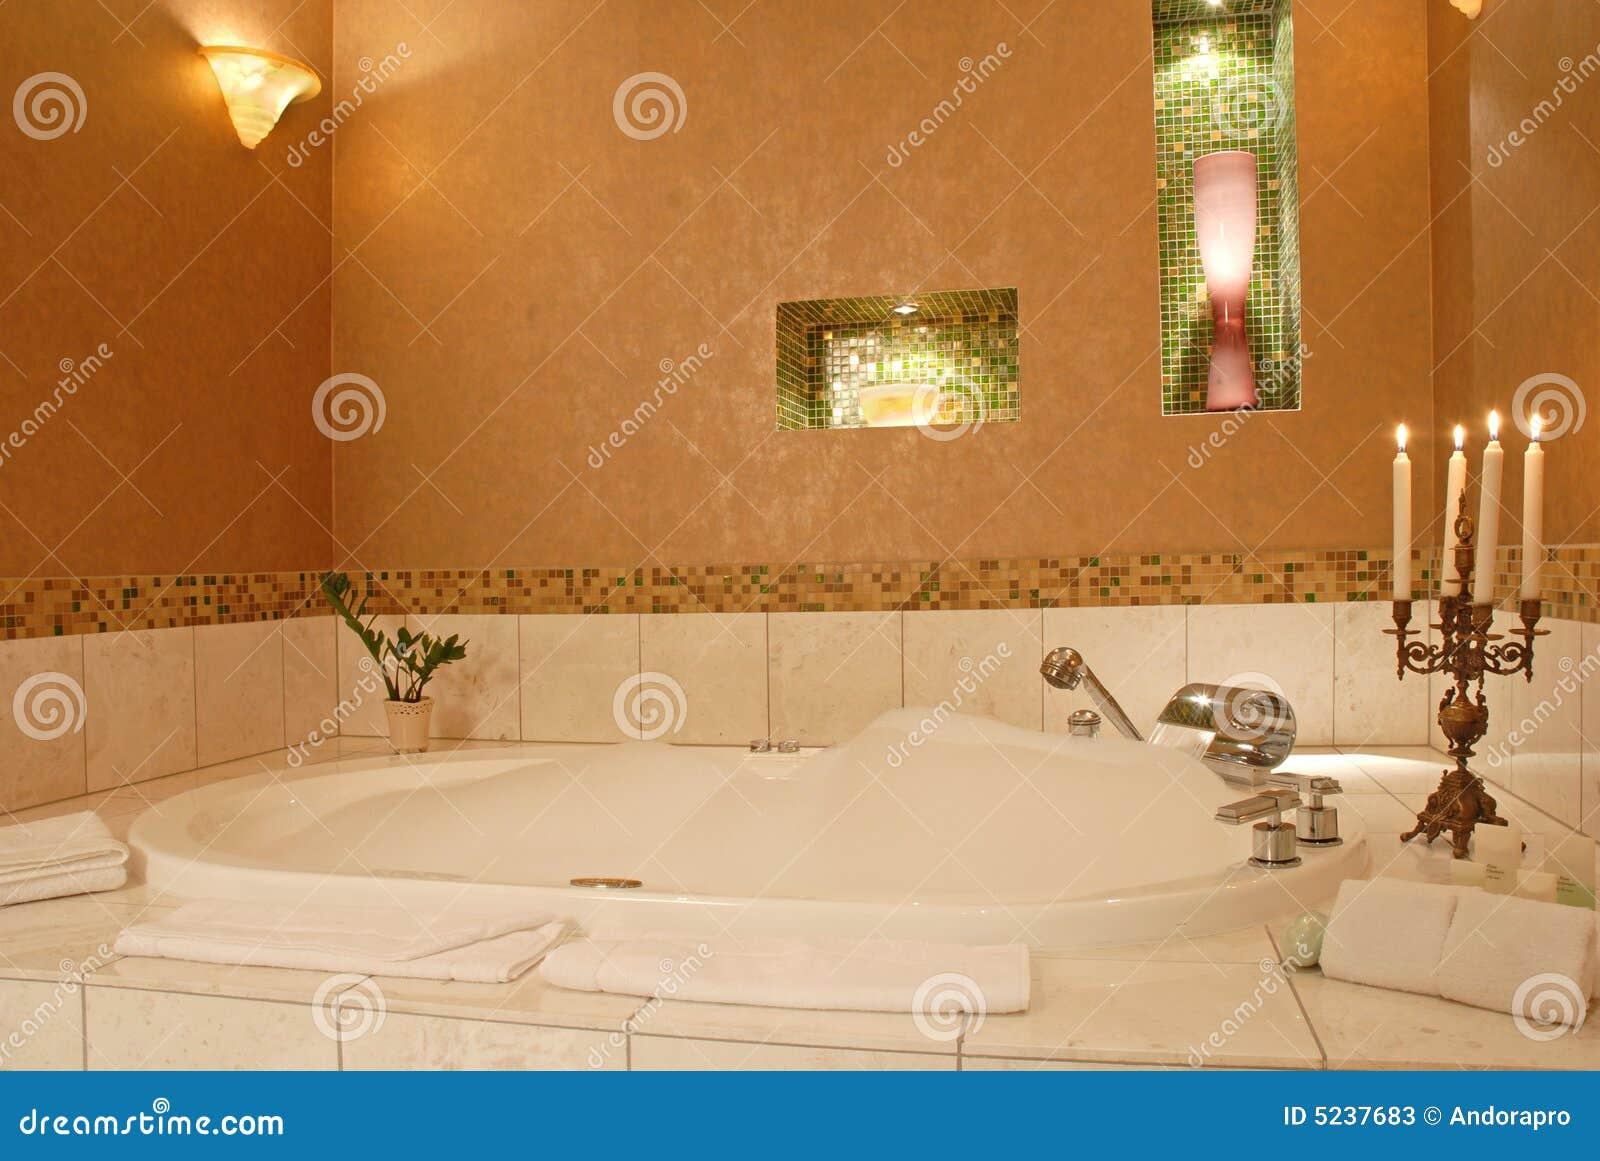 Bagno Romantico Foto : Bagno romantico in vasca bagni romantici best arredo bagno